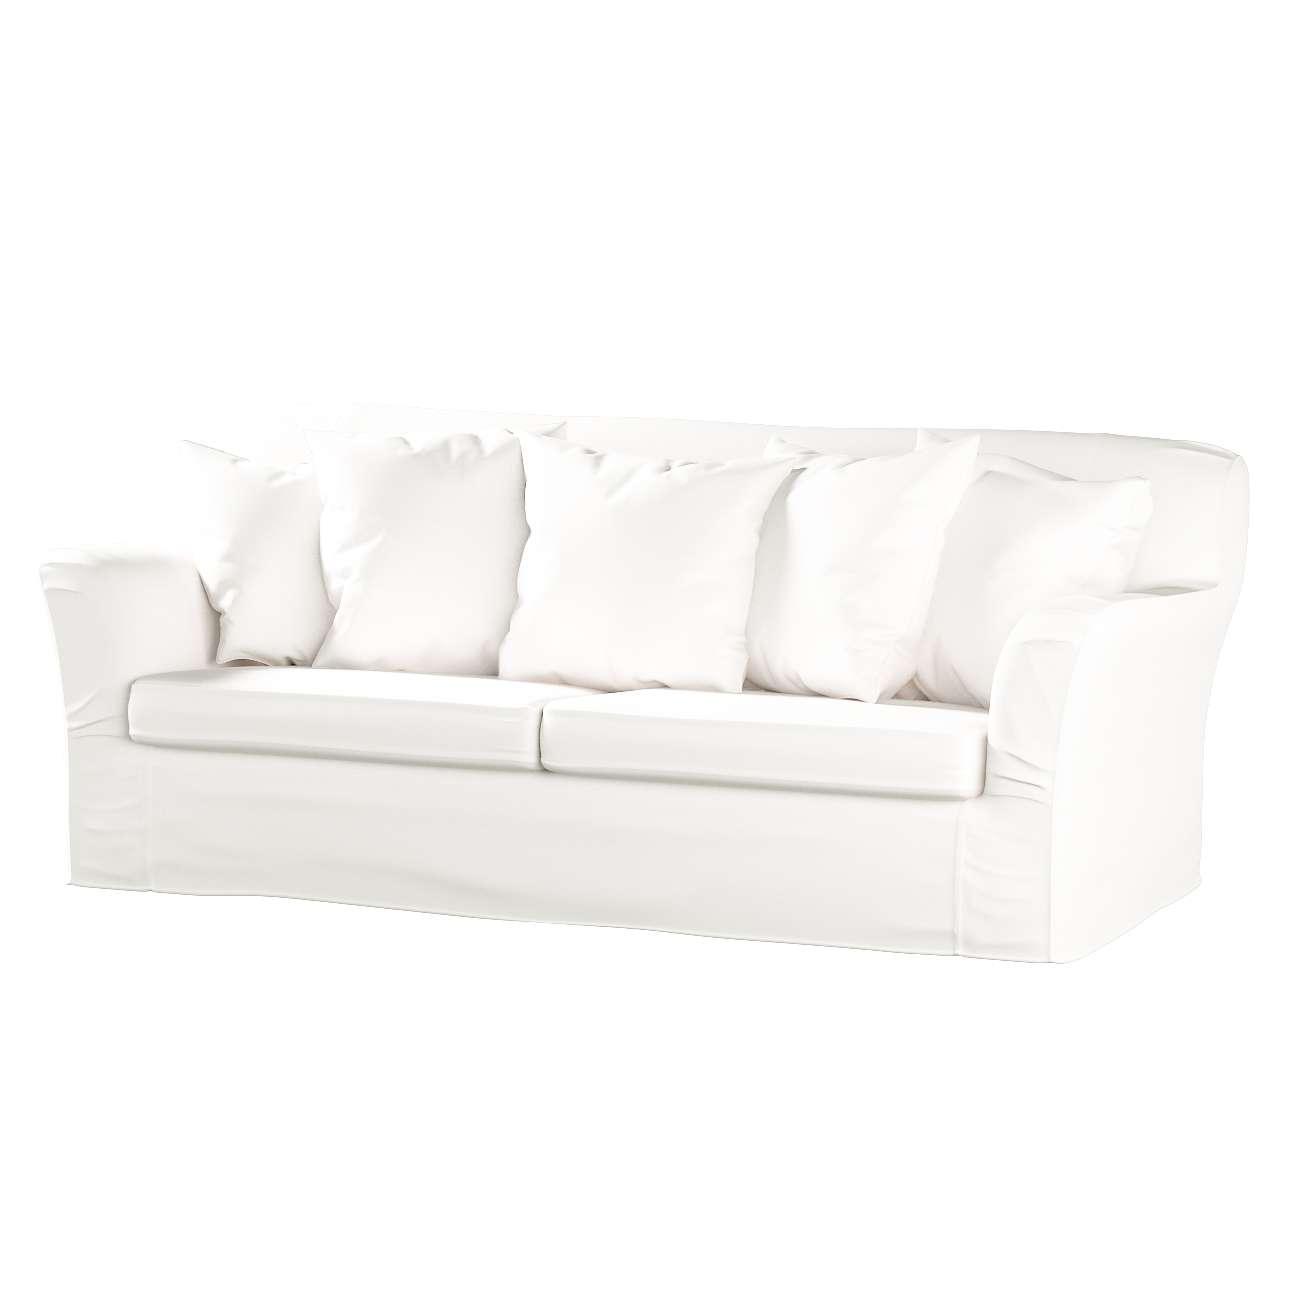 Pokrowiec na sofę Tomelilla rozkładaną Sofa Tomelilla rozkładana w kolekcji Cotton Panama, tkanina: 702-34